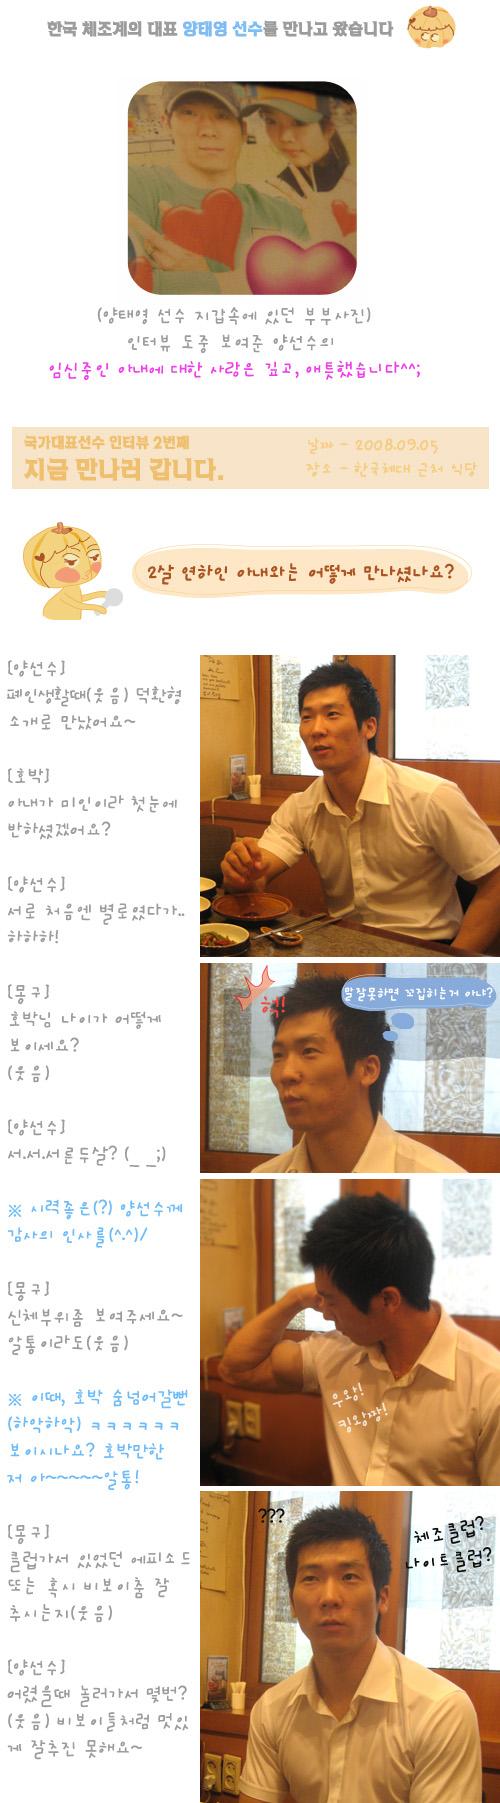 호박툰닷컴